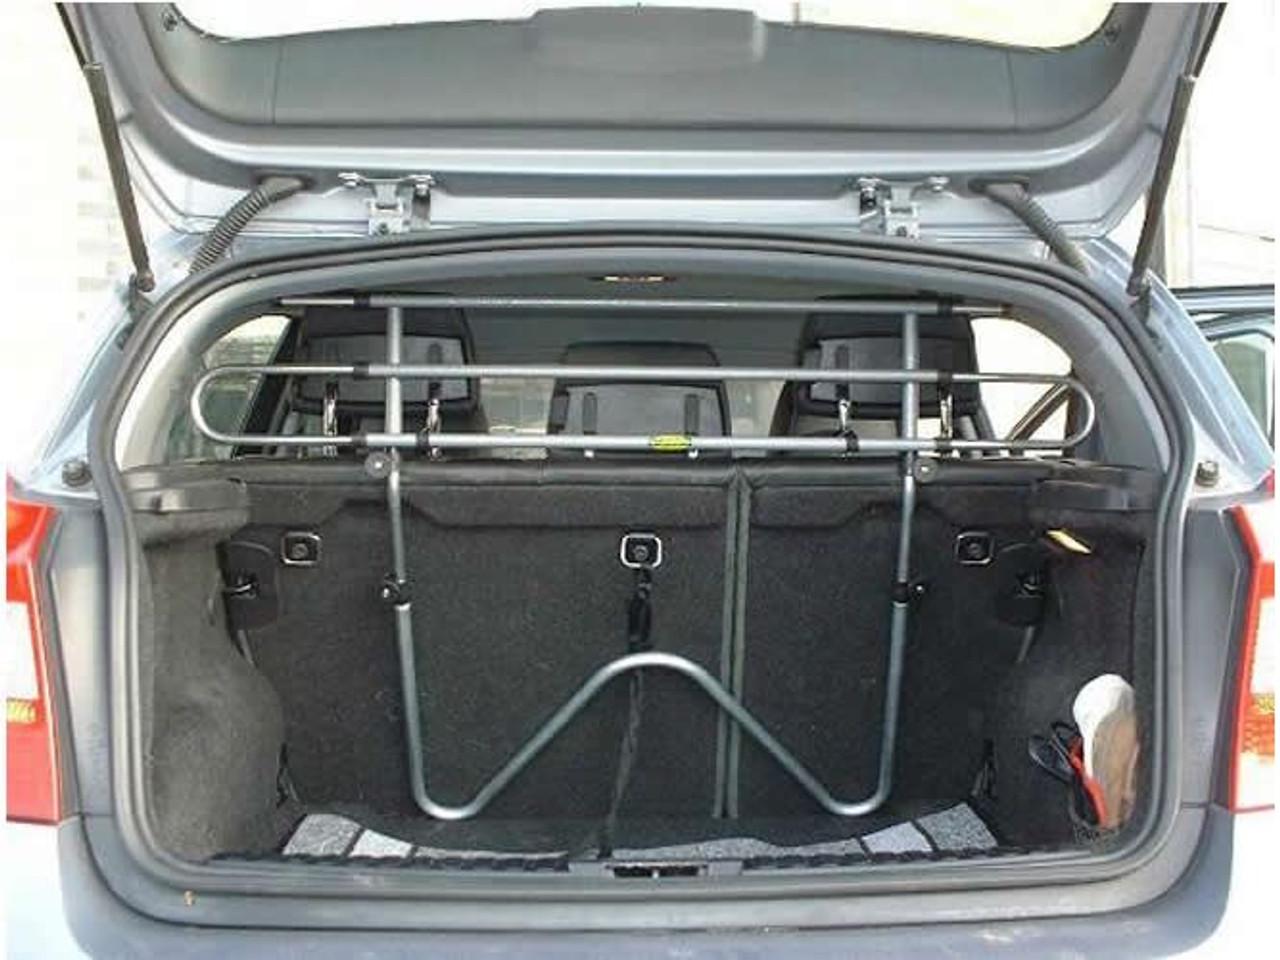 Saunders T93 Dog Guard For Audi A2 Hatchback 2000 - 2005